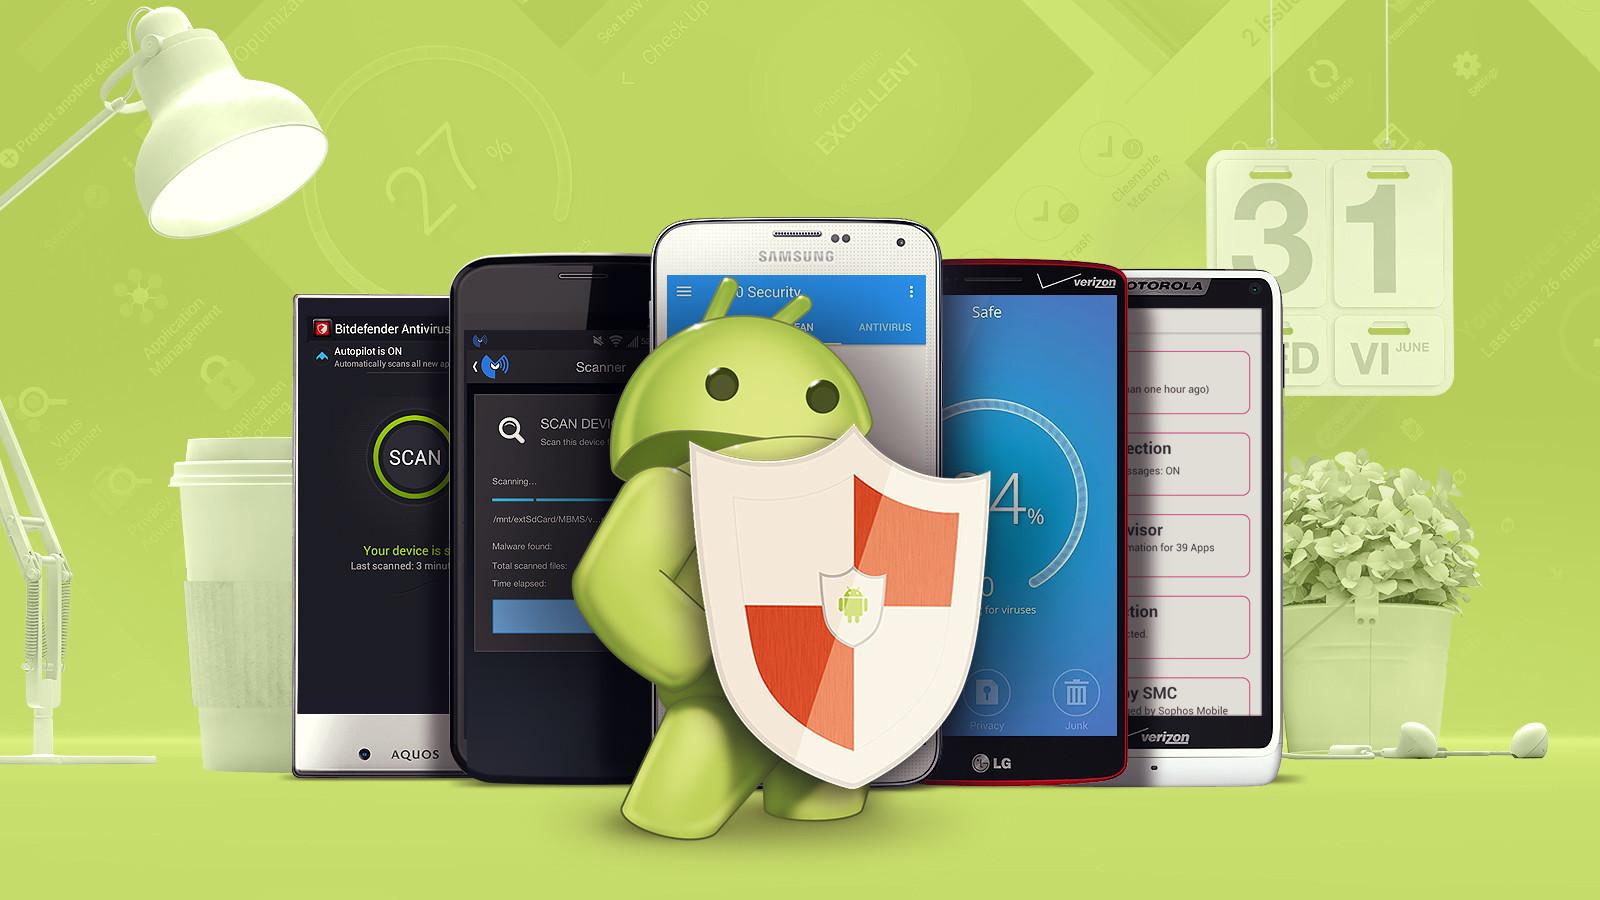 بدافزارها و ویروس ها در گوشی های هوشمند